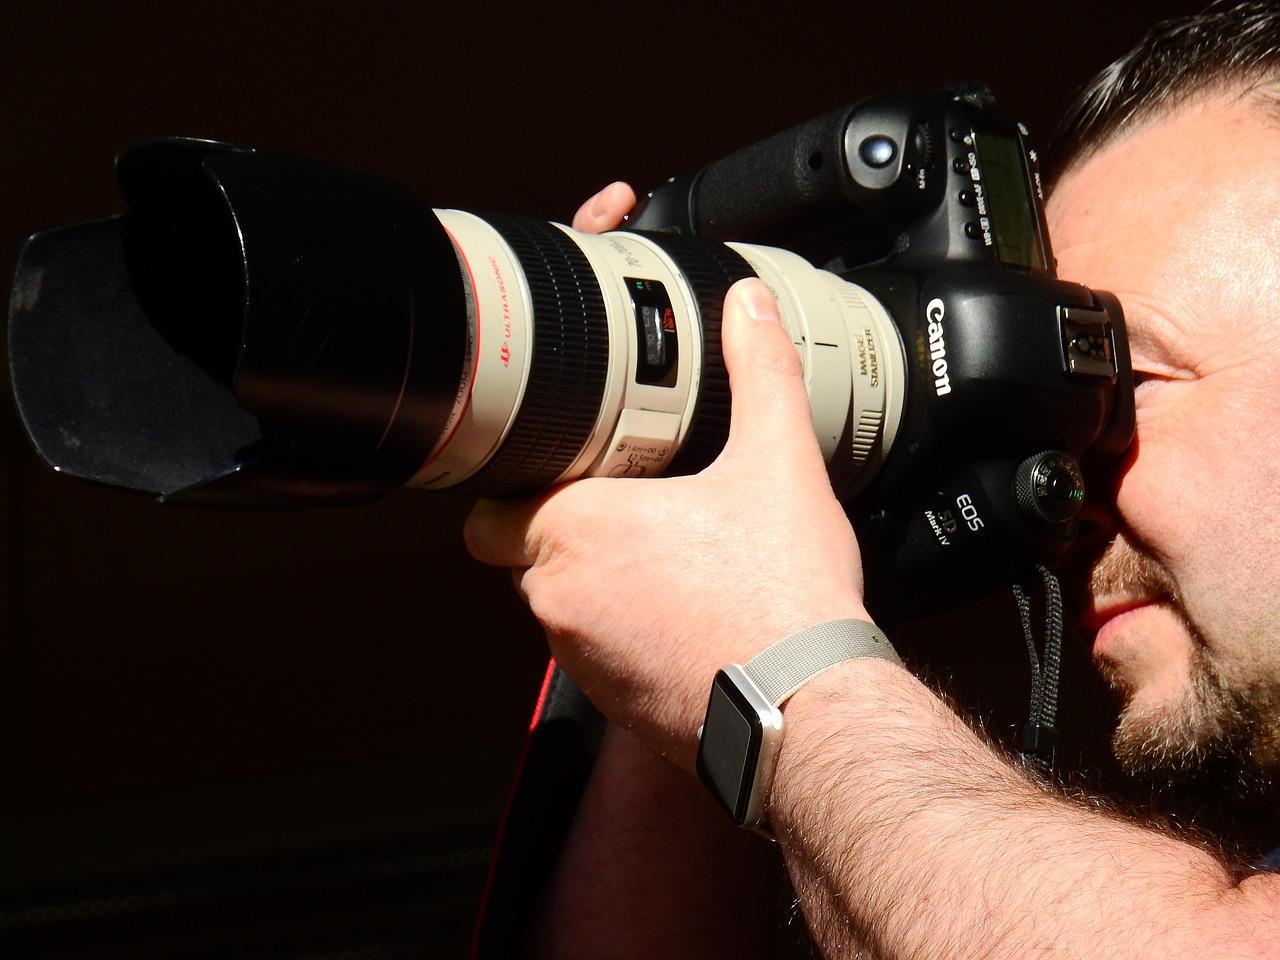 фото фотографов с фотоаппаратом каком случае